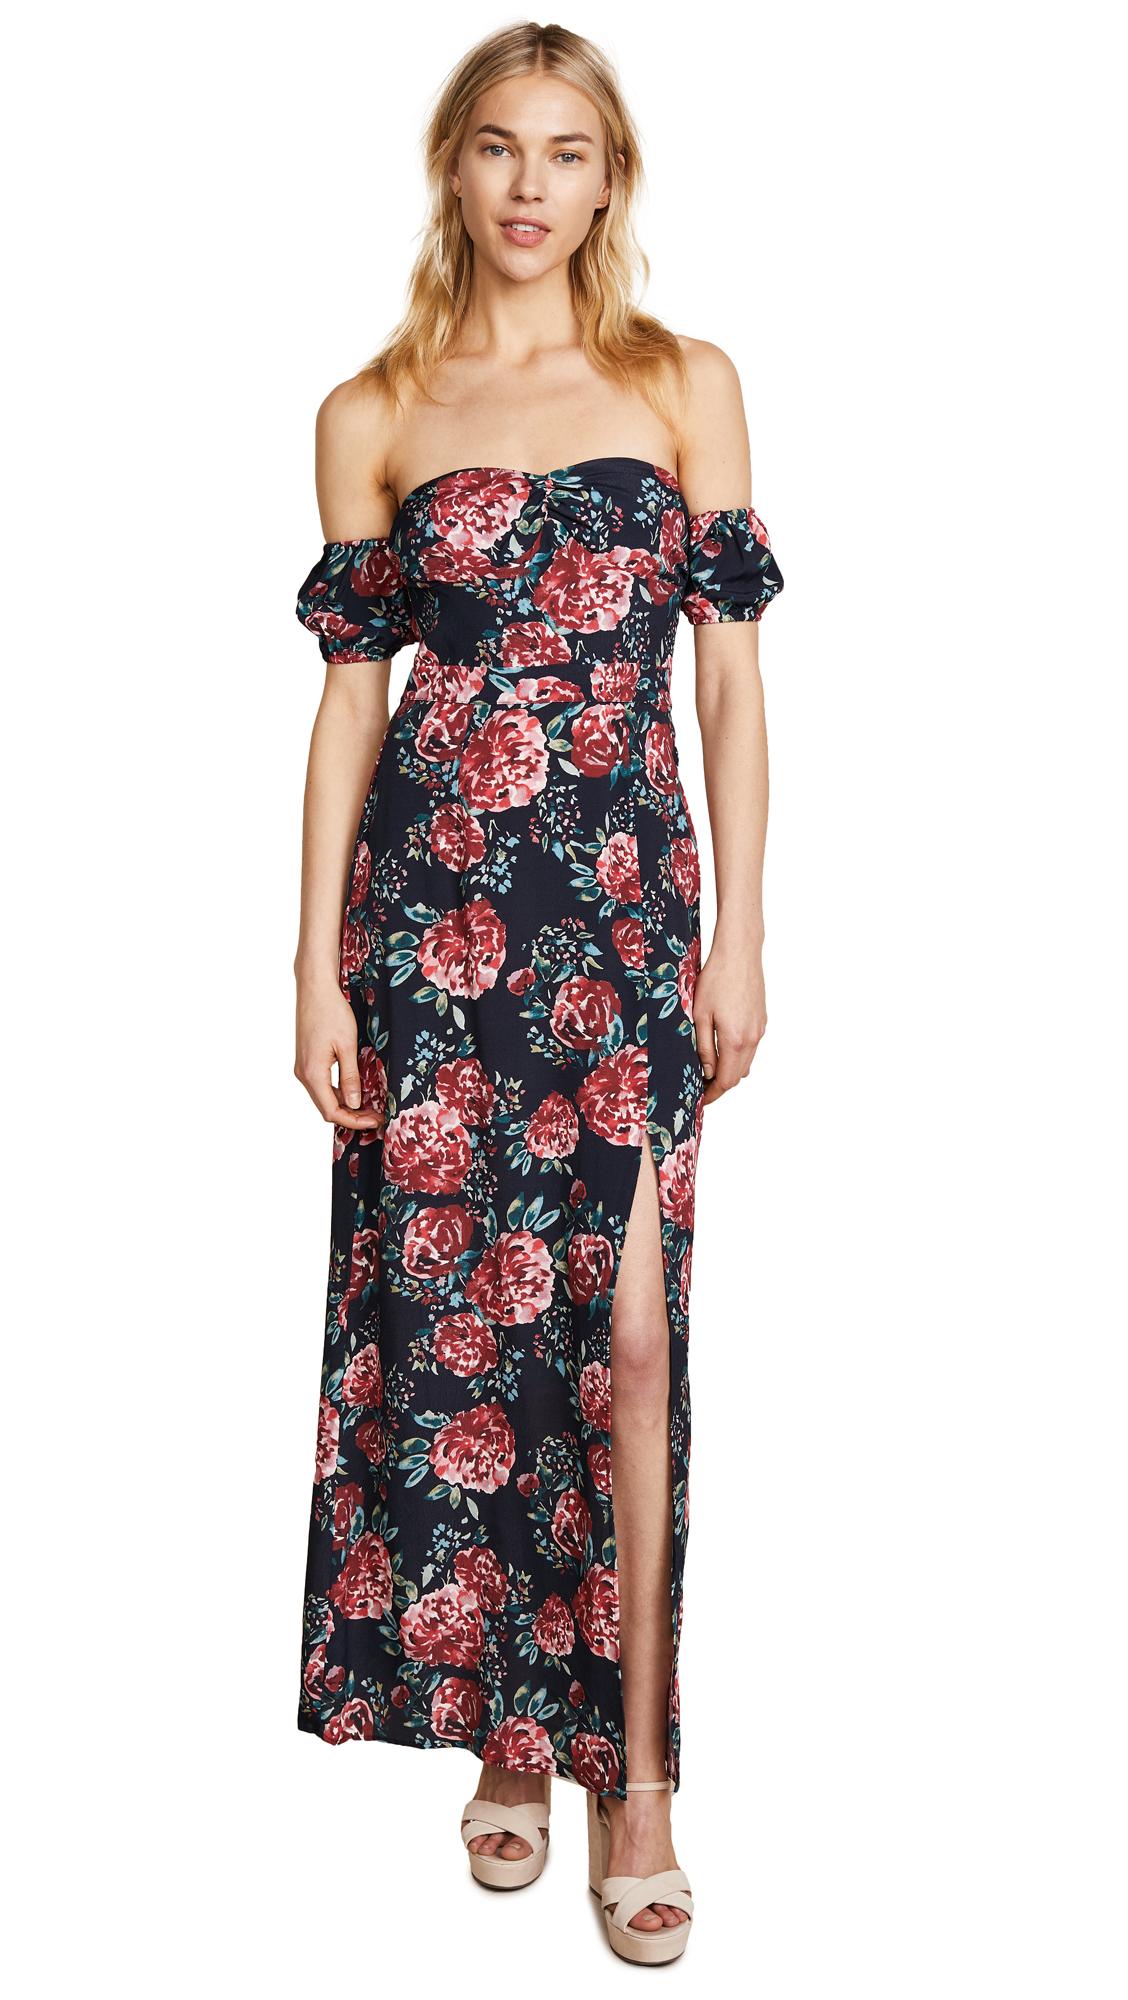 Roe + May Grace Maxi Dress